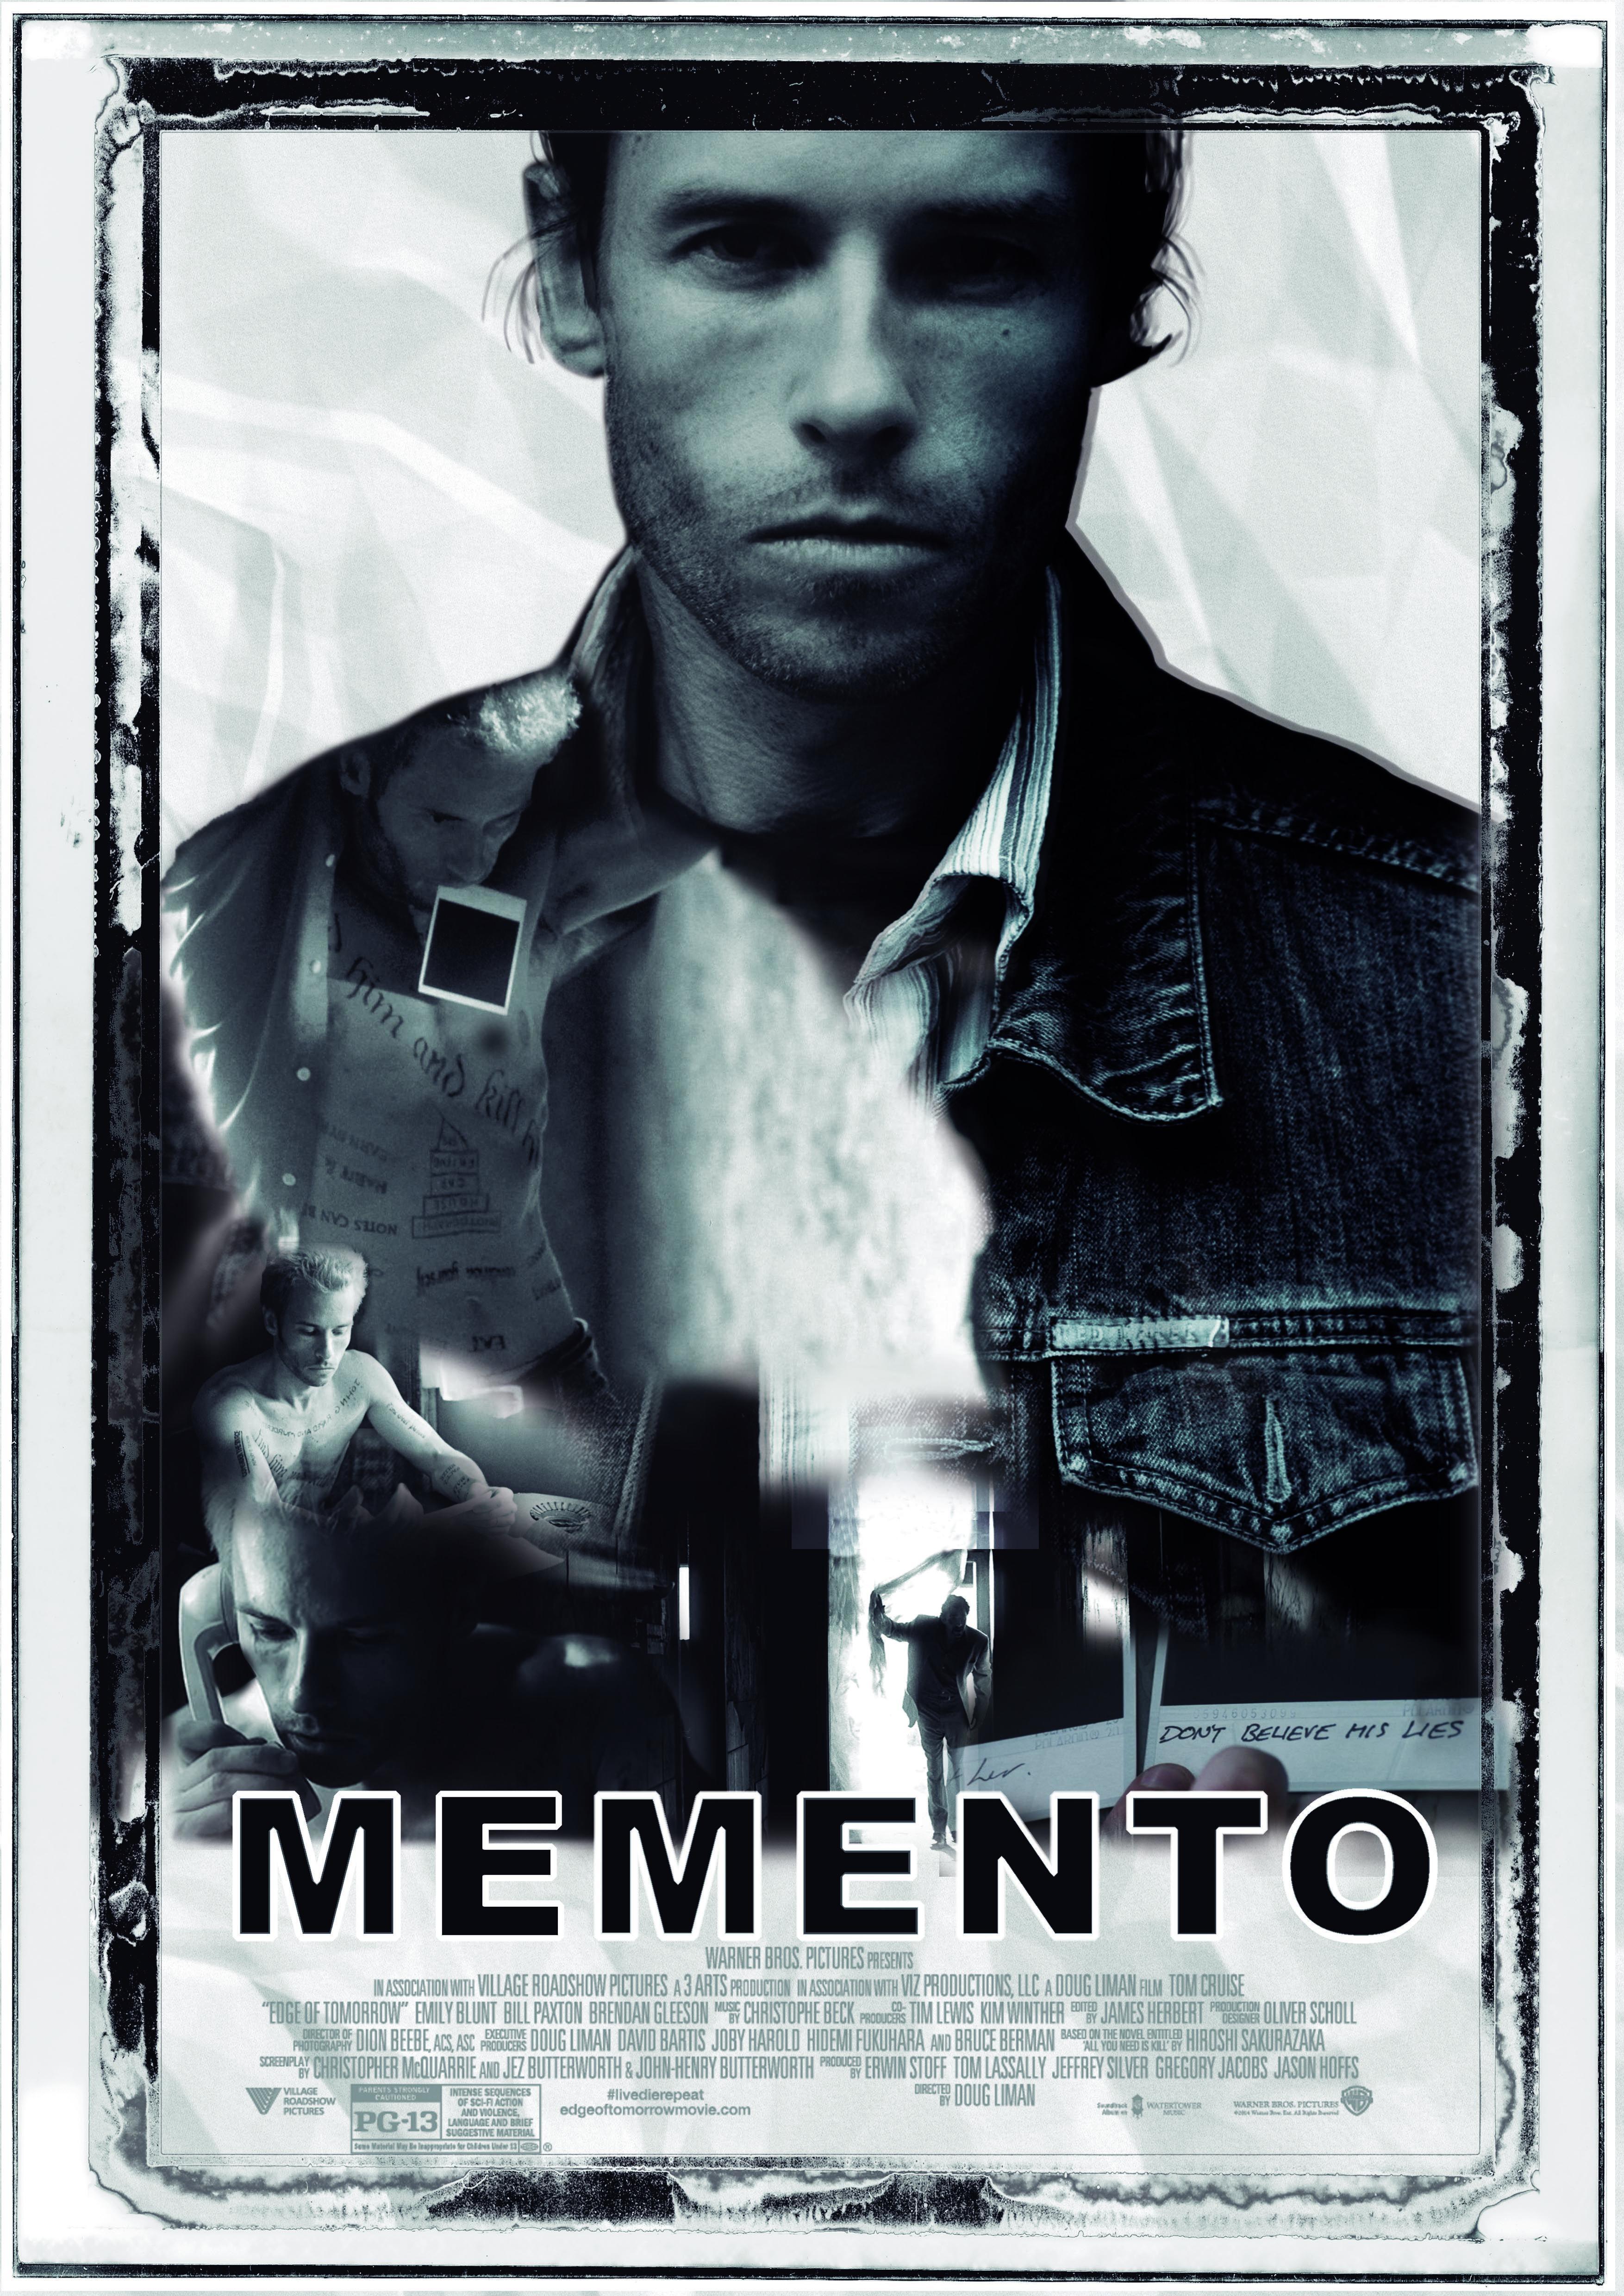 Cartel de la película Memento de Christopher Nolan.